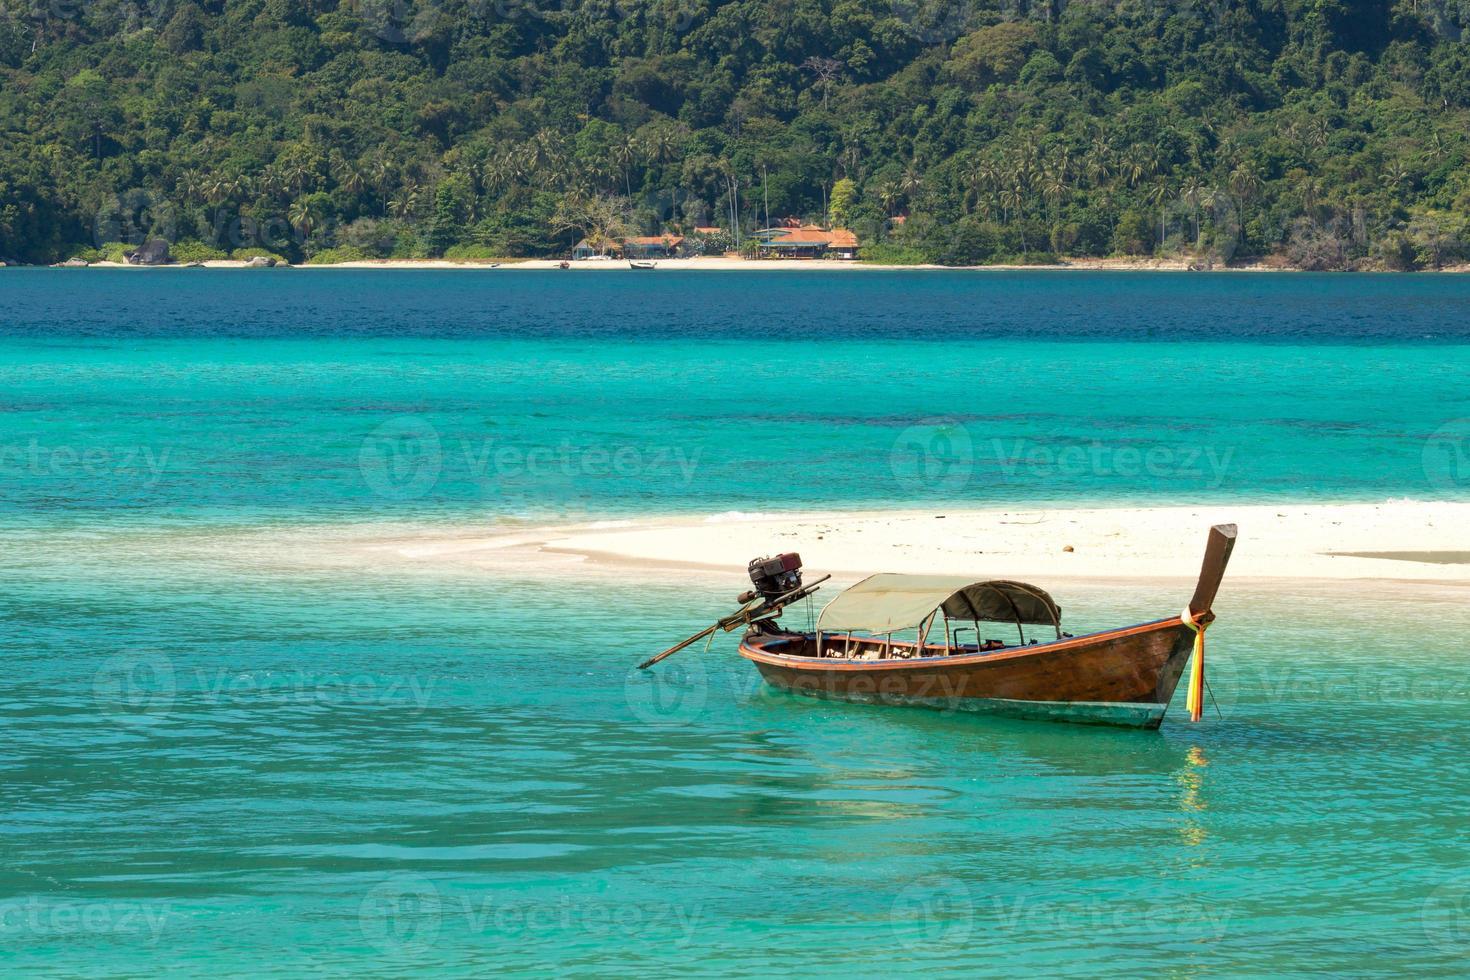 Barco de cola larga en aguas cristalinas de color turquesa y playa tropical foto